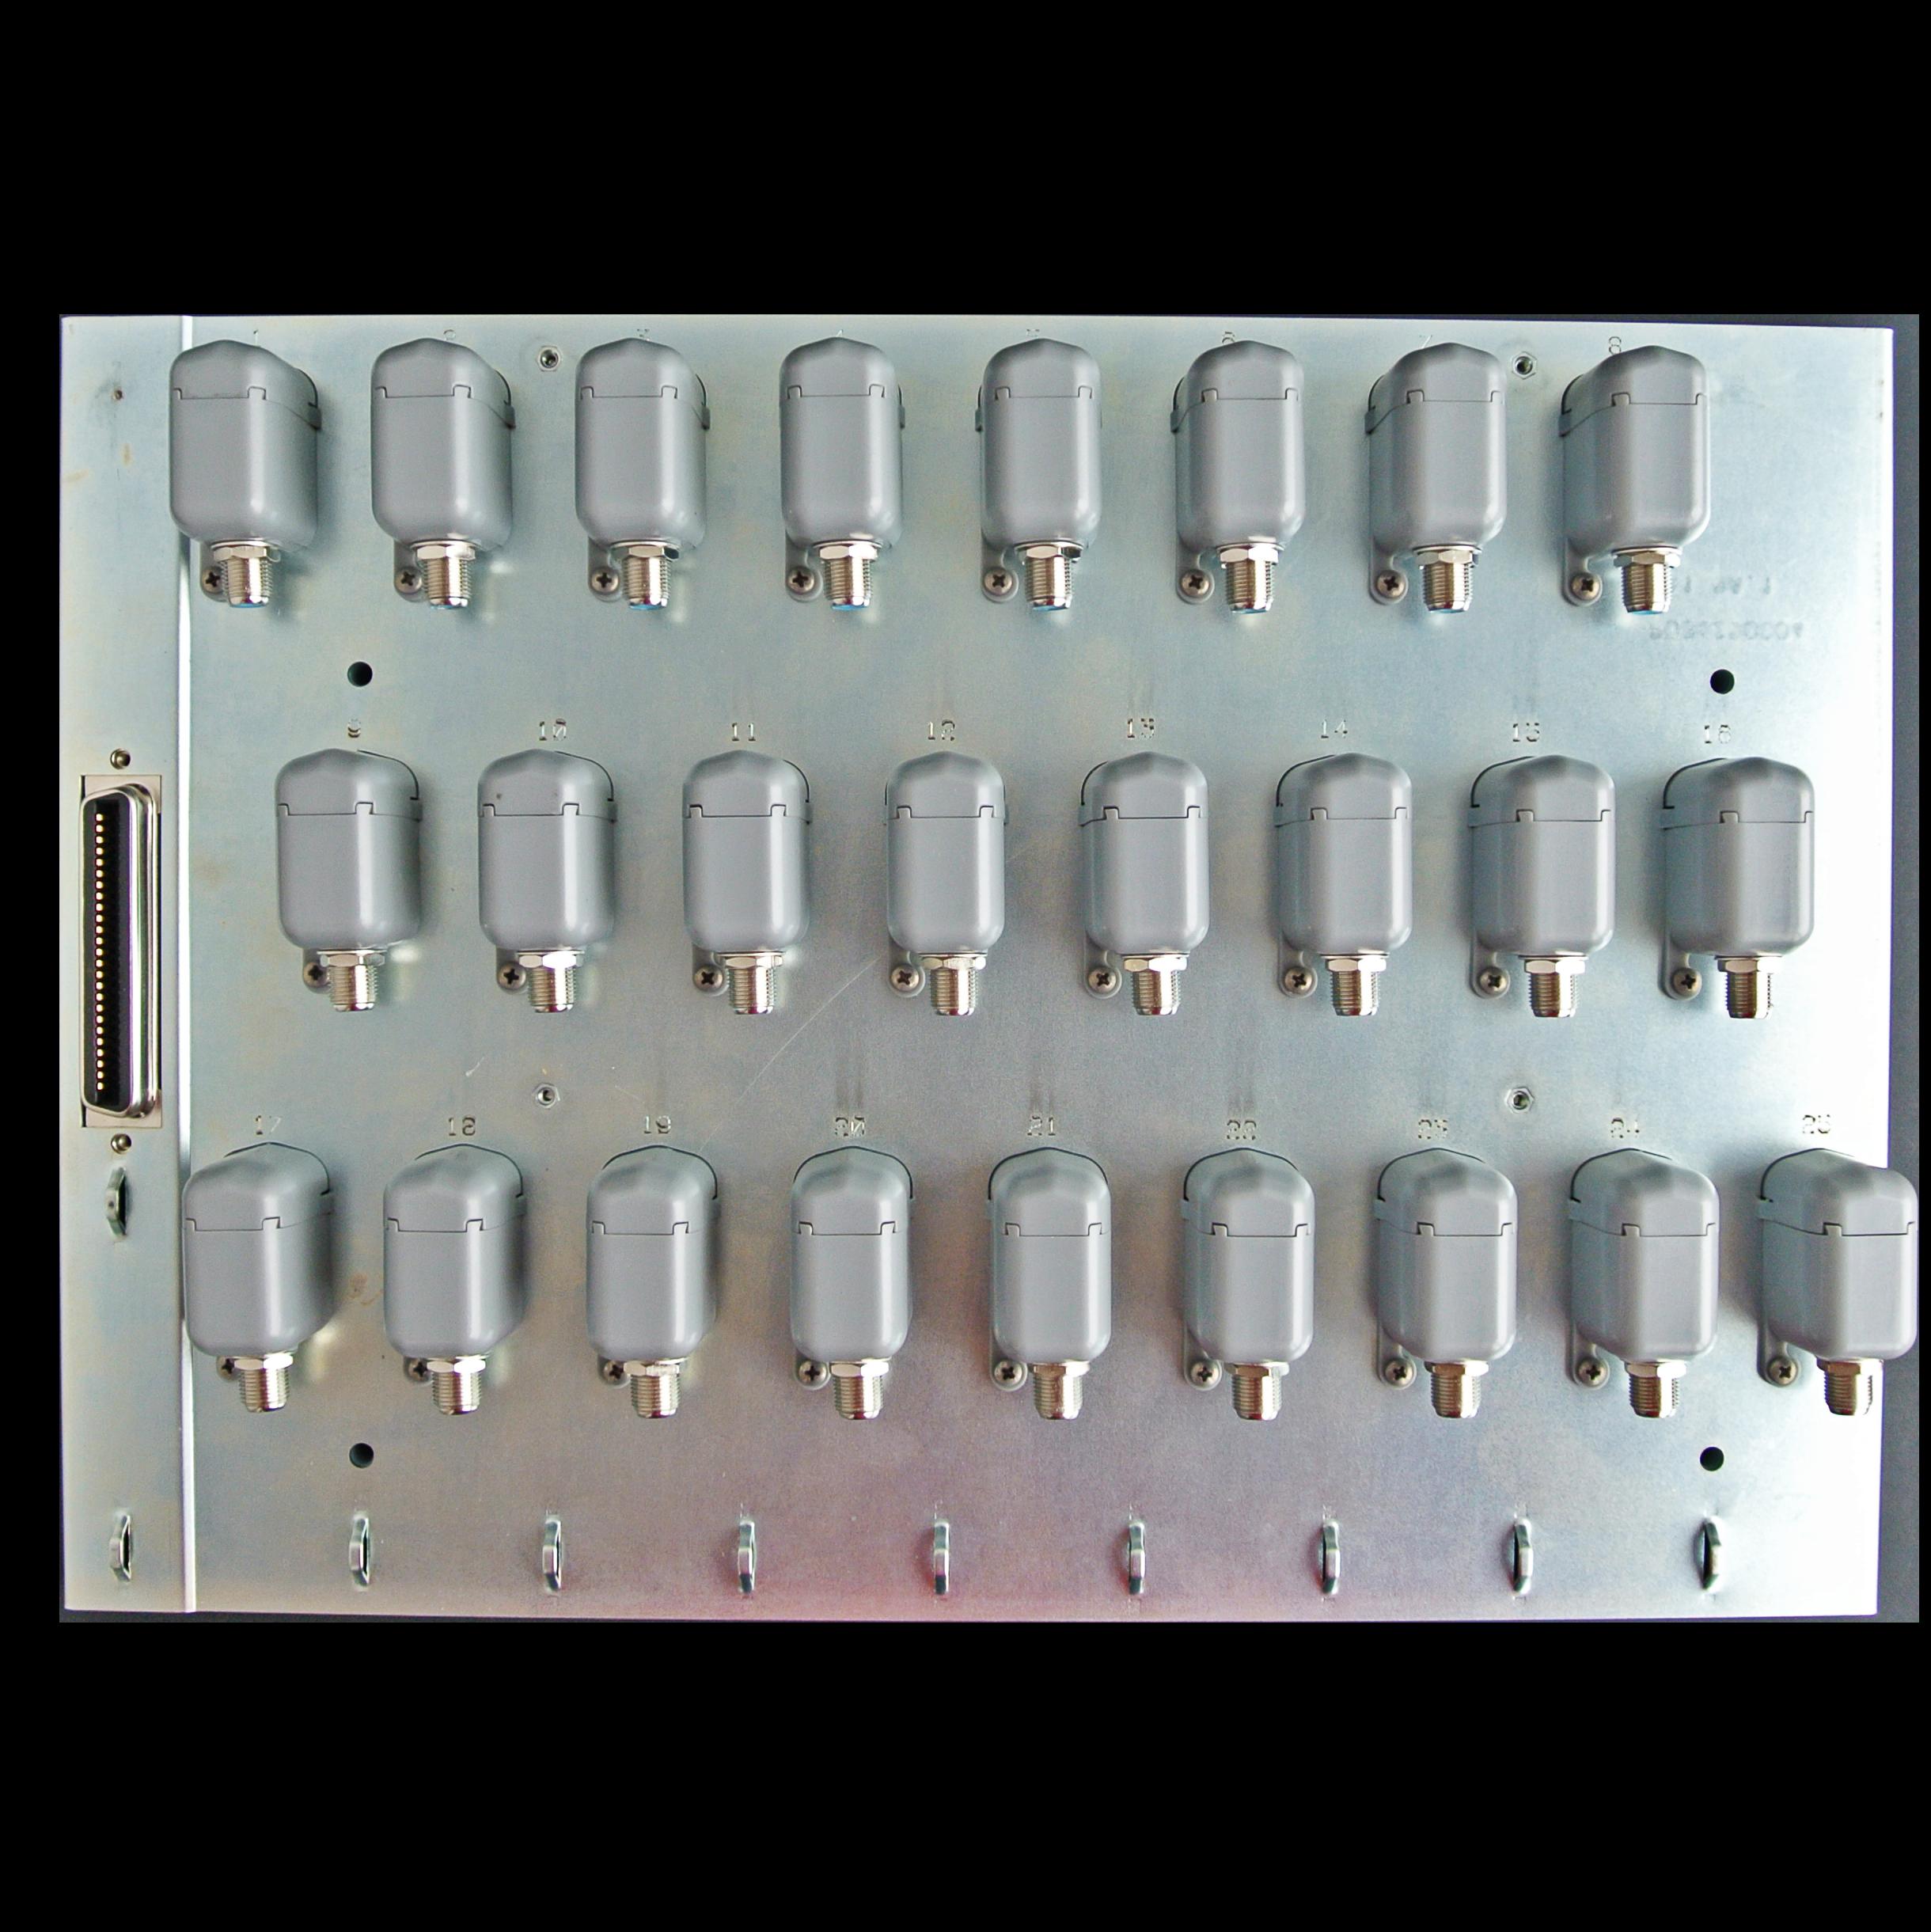 KA1000-3 product image